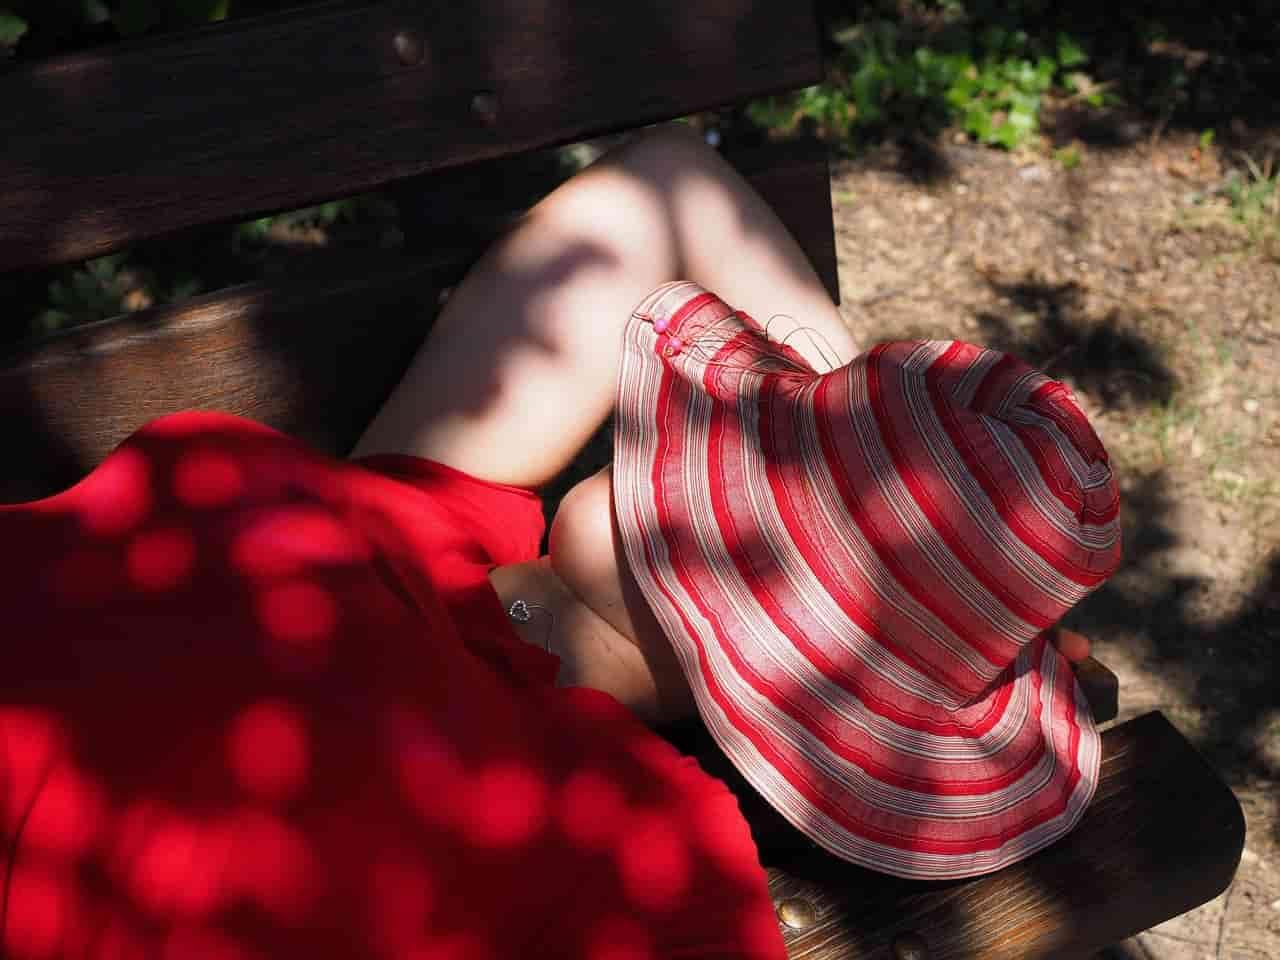 心の疲れチェックリストと回復方法5つ